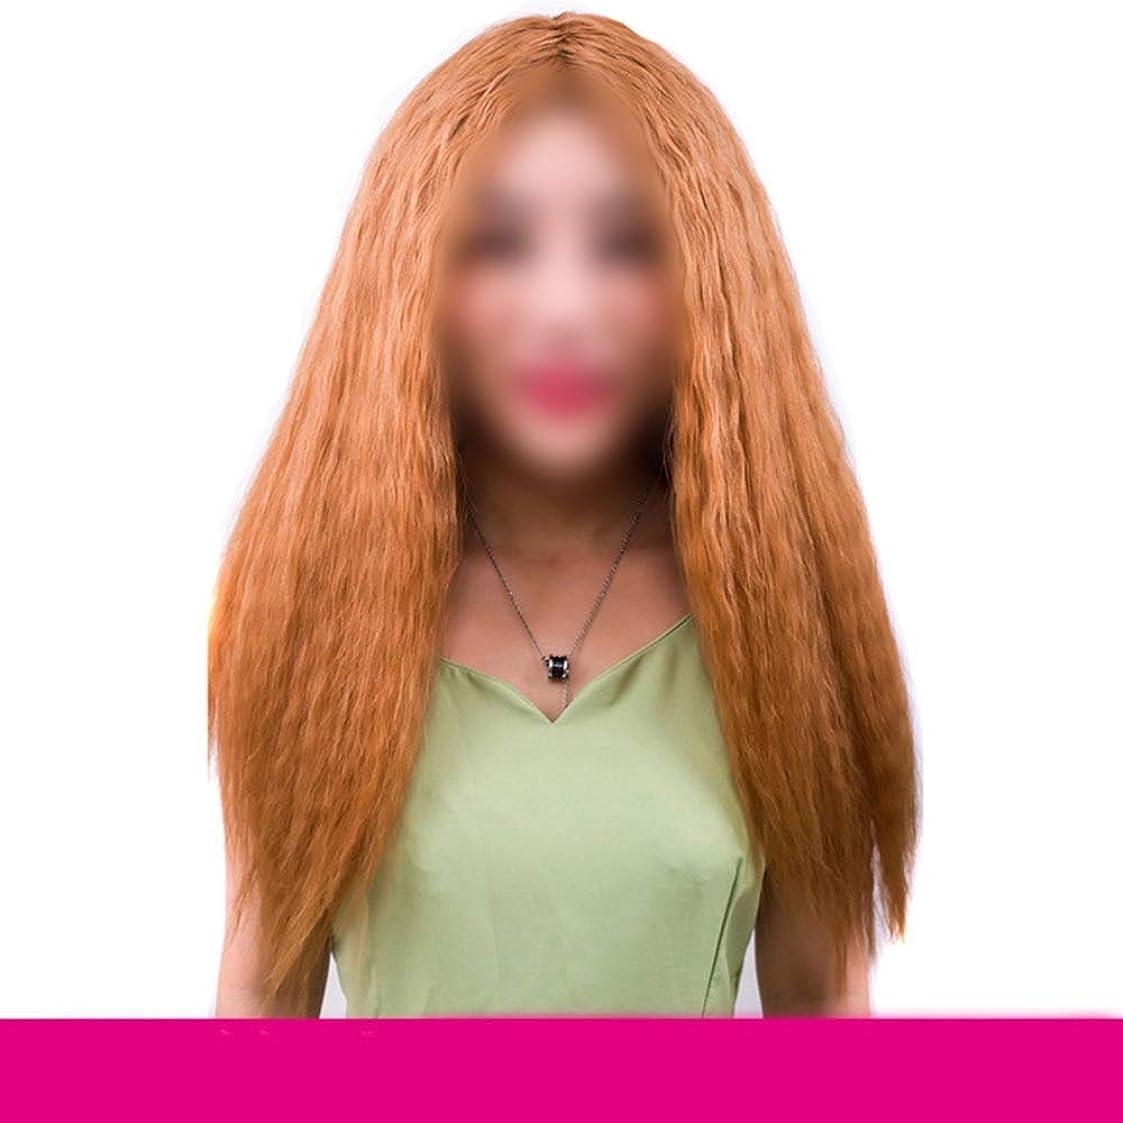 誤抑止する入手しますYrattary ブラジルのリアル人間の毛延長ライトブラウンコーンホットロングカーリーヘア女性のための人工毛レースのかつらロールプレイングかつら (色 : ブラウン)